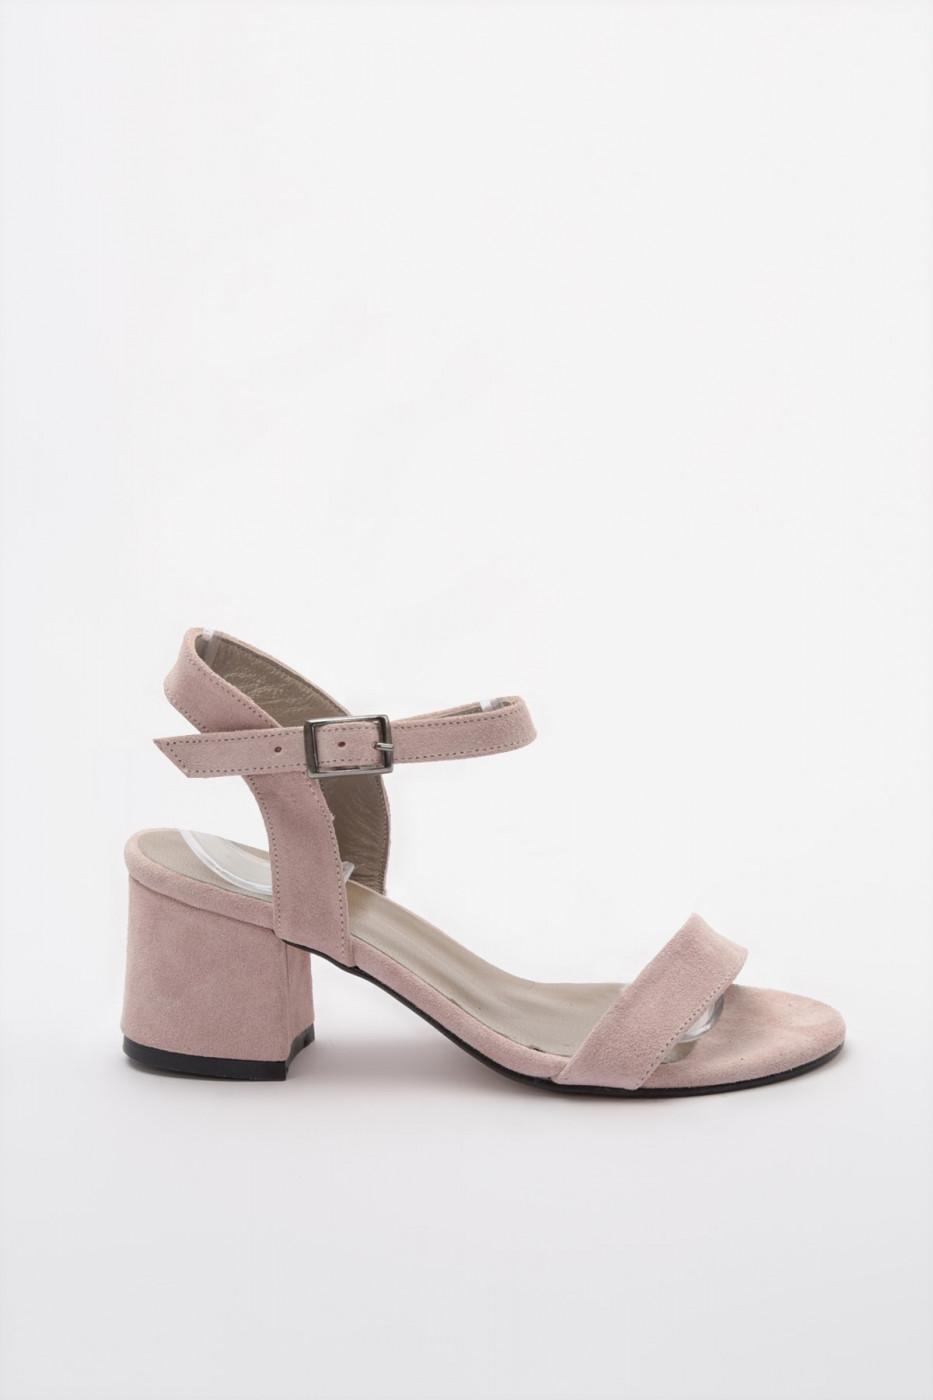 Trendyol Ten Suede Women Classic Heels